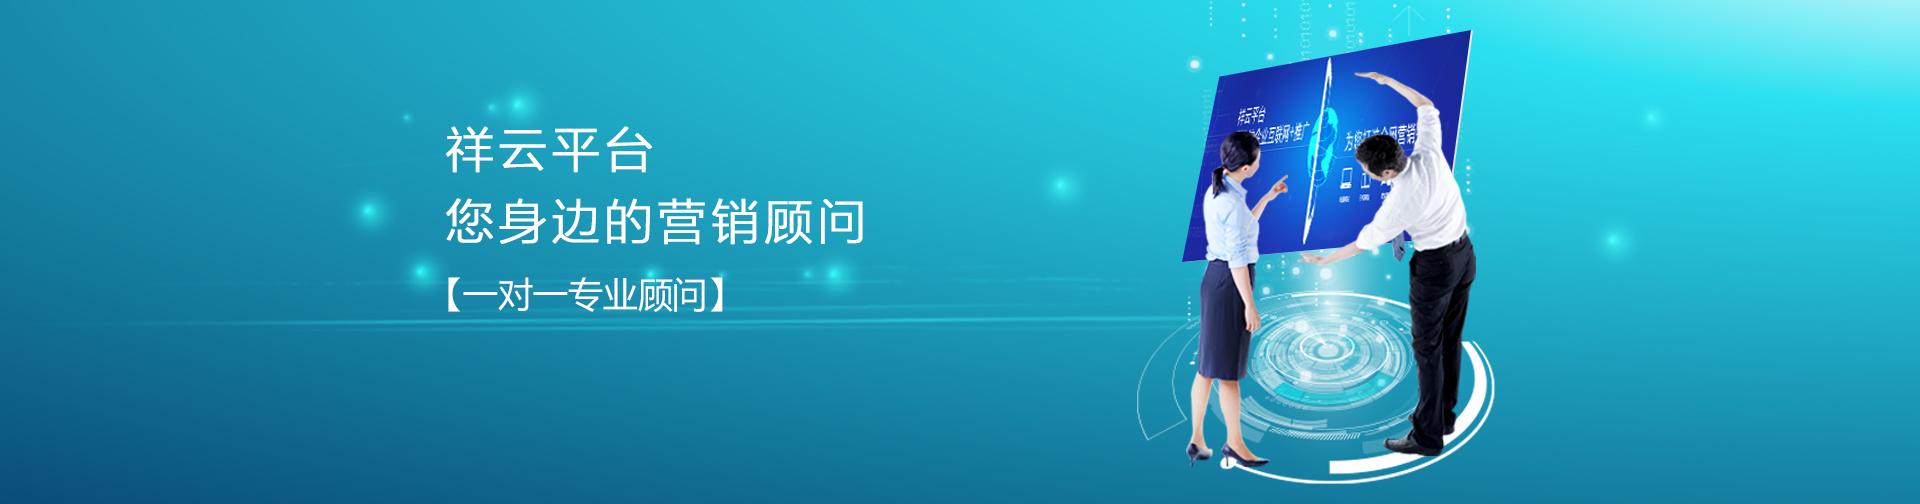 祥云平台营销顾问